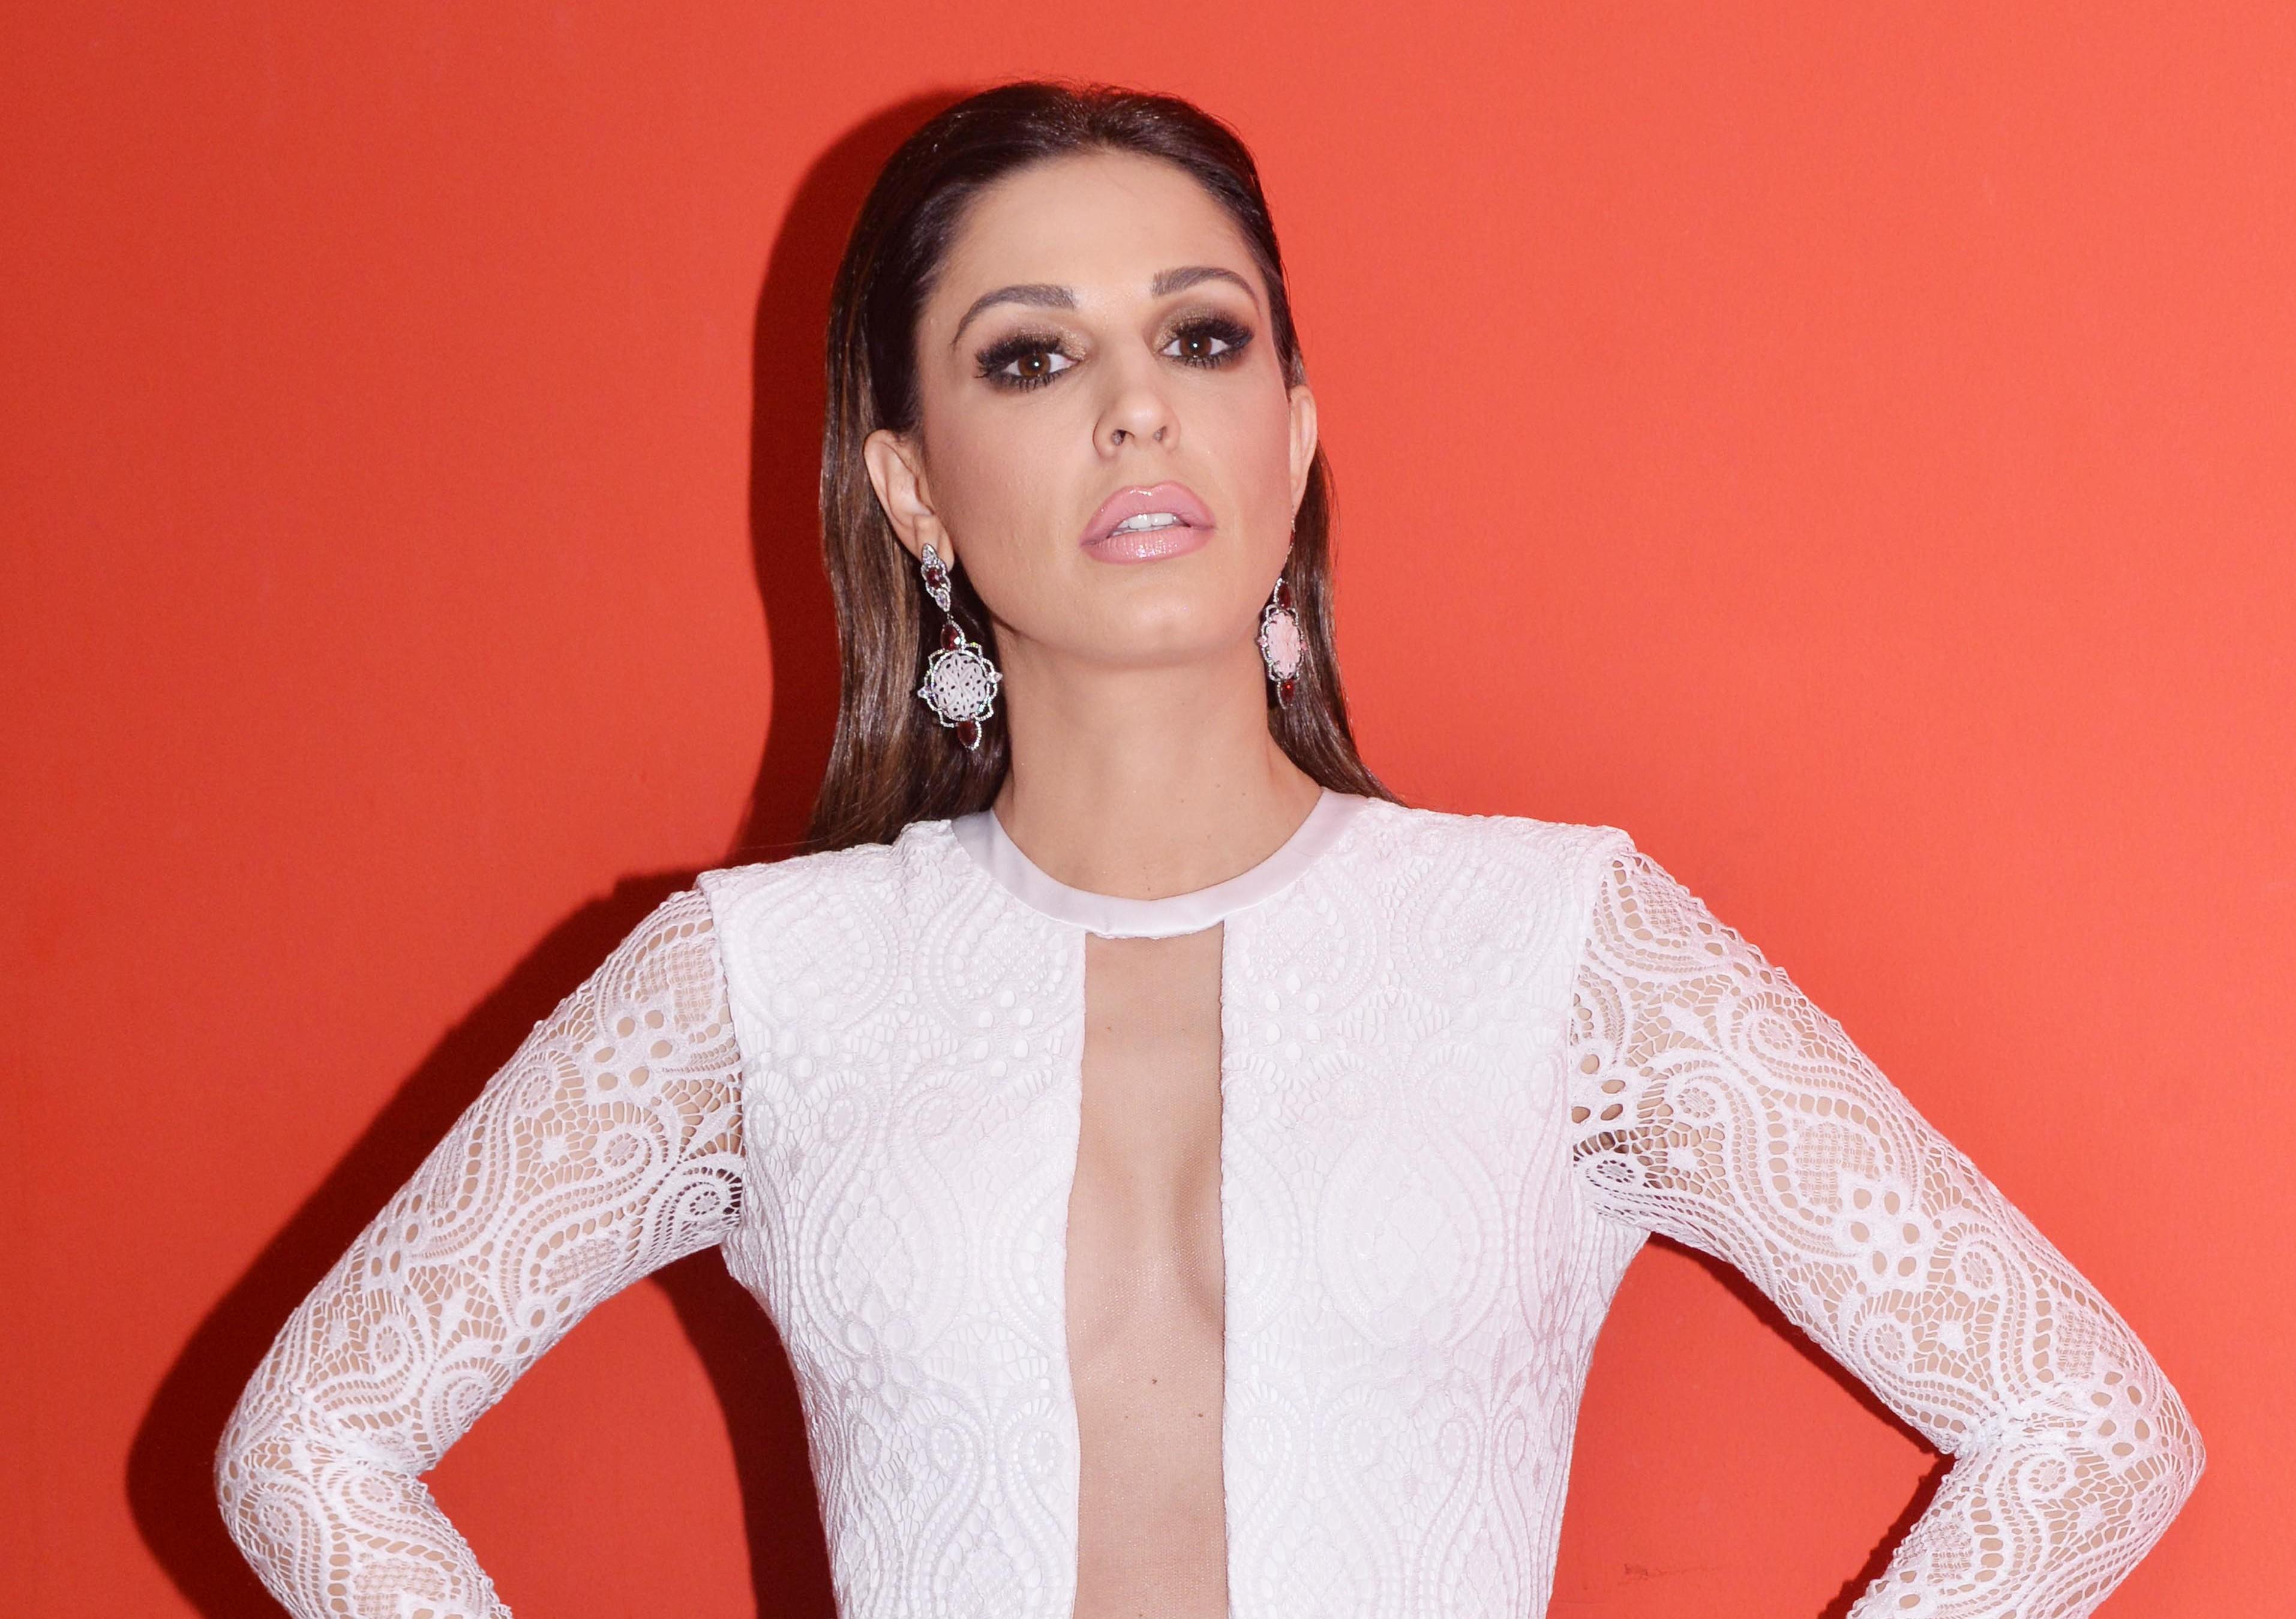 Ελληνίδα ηθοποιός  «Ψωνίζω τα ρούχα μου από second hand και κυκλοφορώ με  τρακαρισμένο αυτοκίνητο» 44bc55dcd71